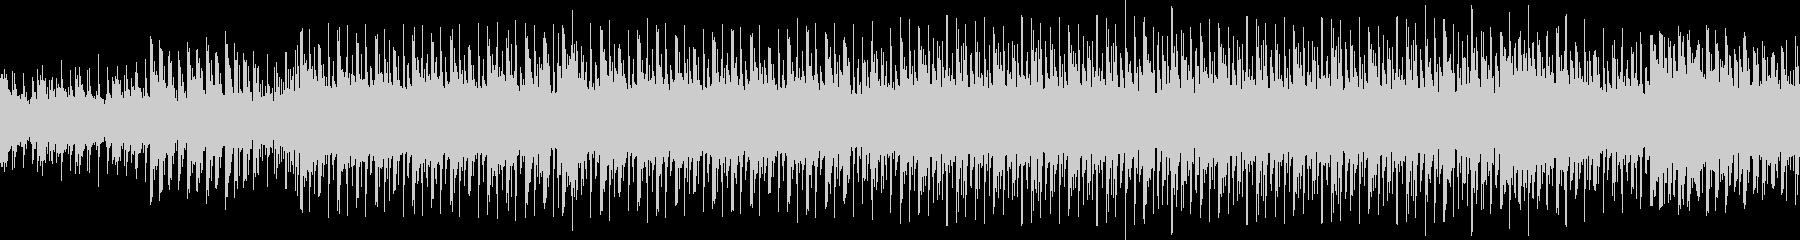 ピアノとマリンバの夏っぽいループ曲の未再生の波形